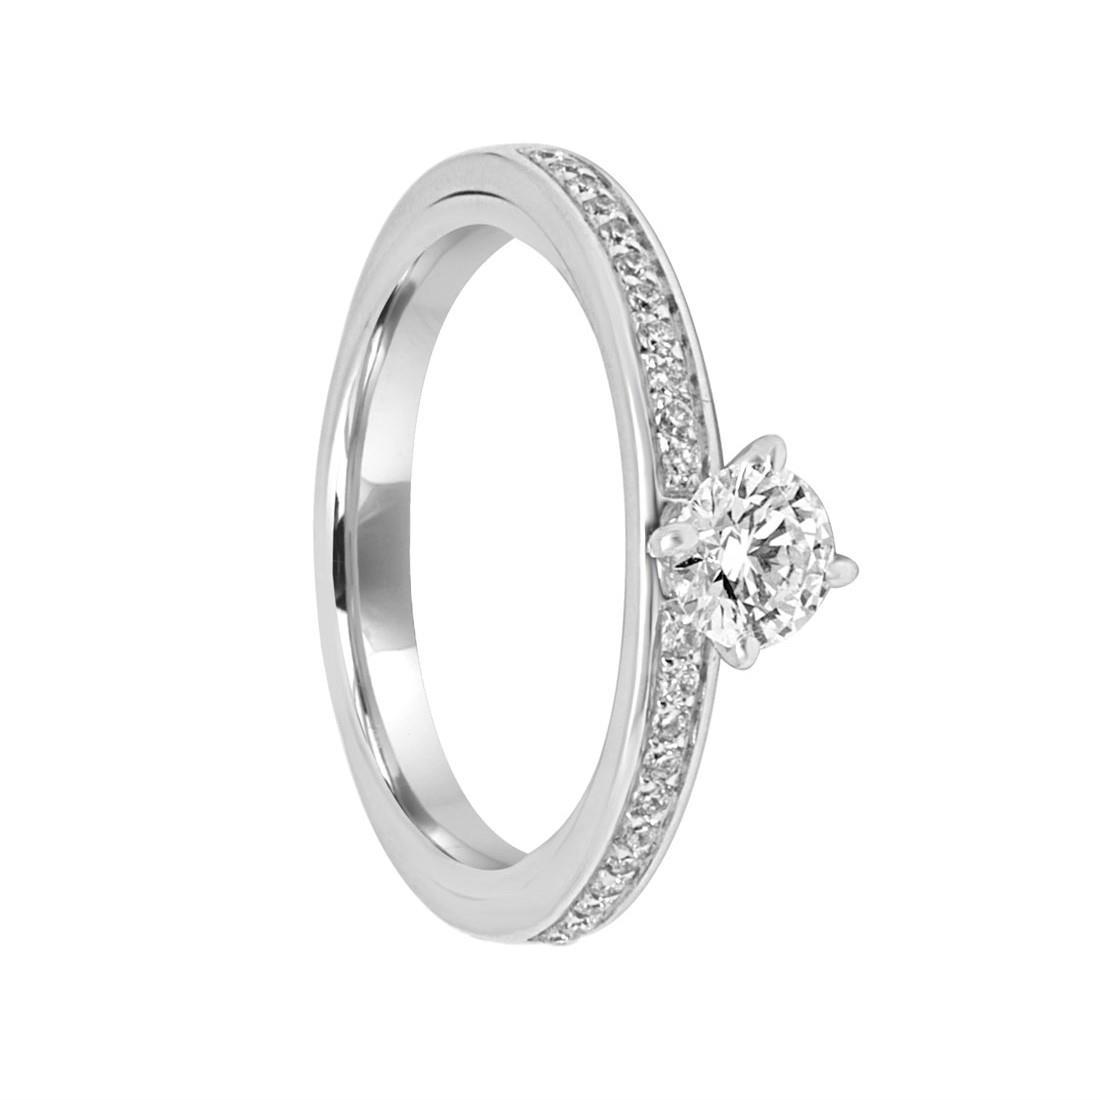 Anello Damiani in oro bianco con diamanti ct 0,65  - DAMIANI